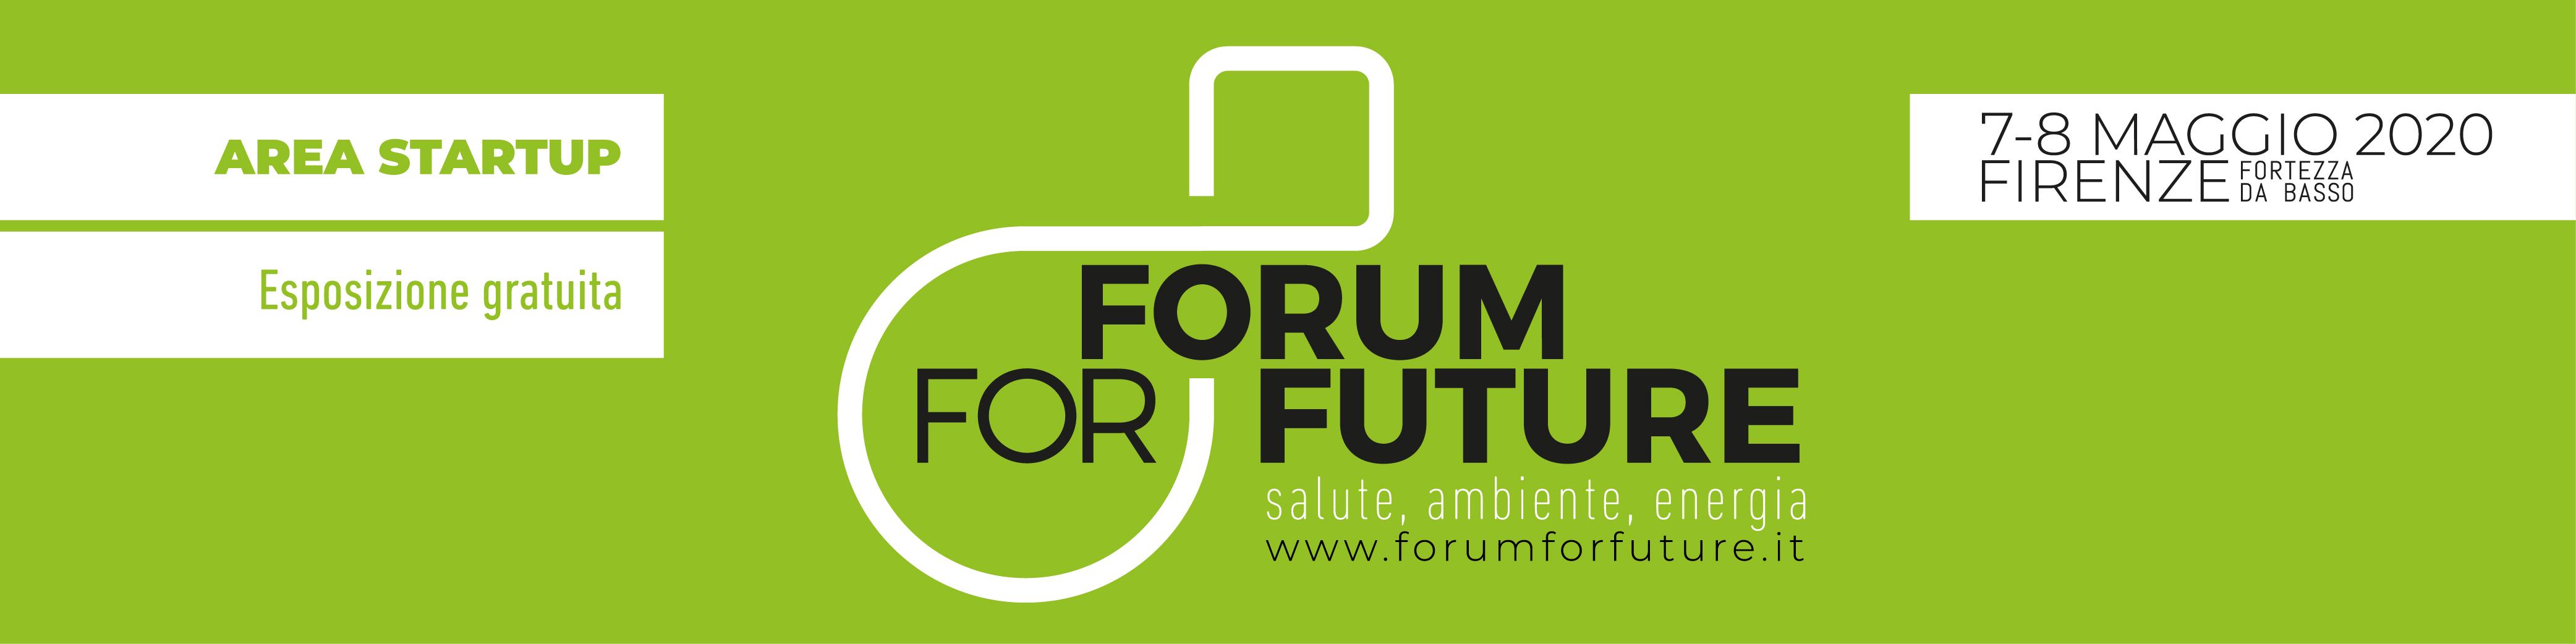 Esposizione gratuita per 20 Startup al Forum for Future – 7 e 8 Maggio 2020, Fortezza da Basso a Firenze